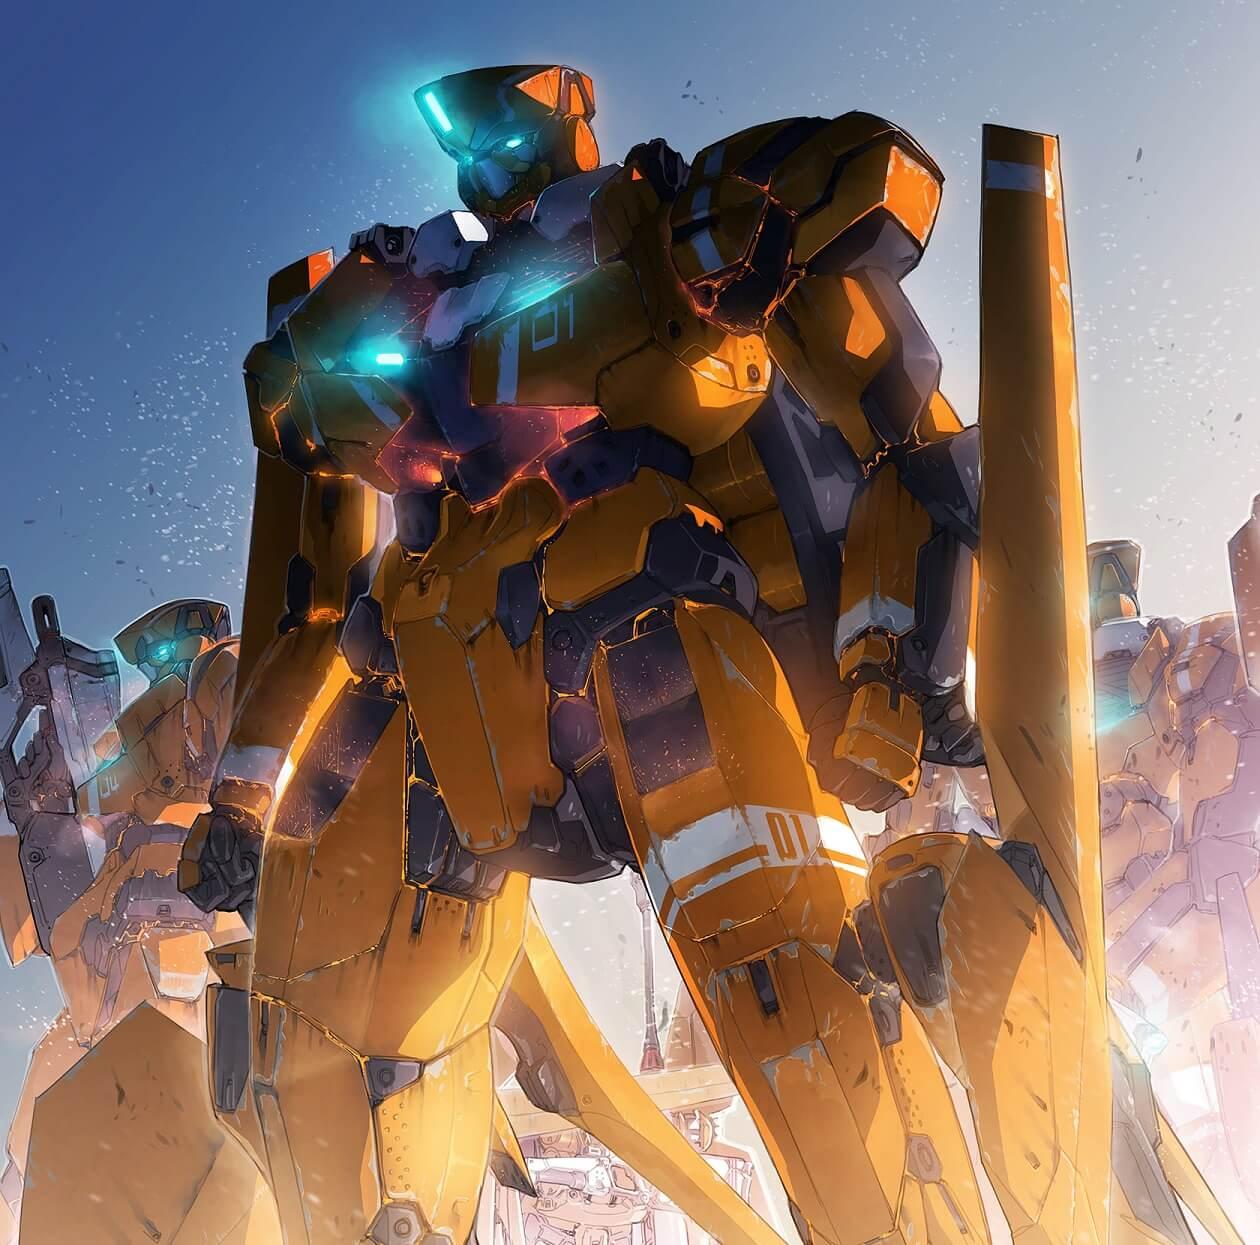 Lista Animes Verão 2014 - Aldnoah Zero